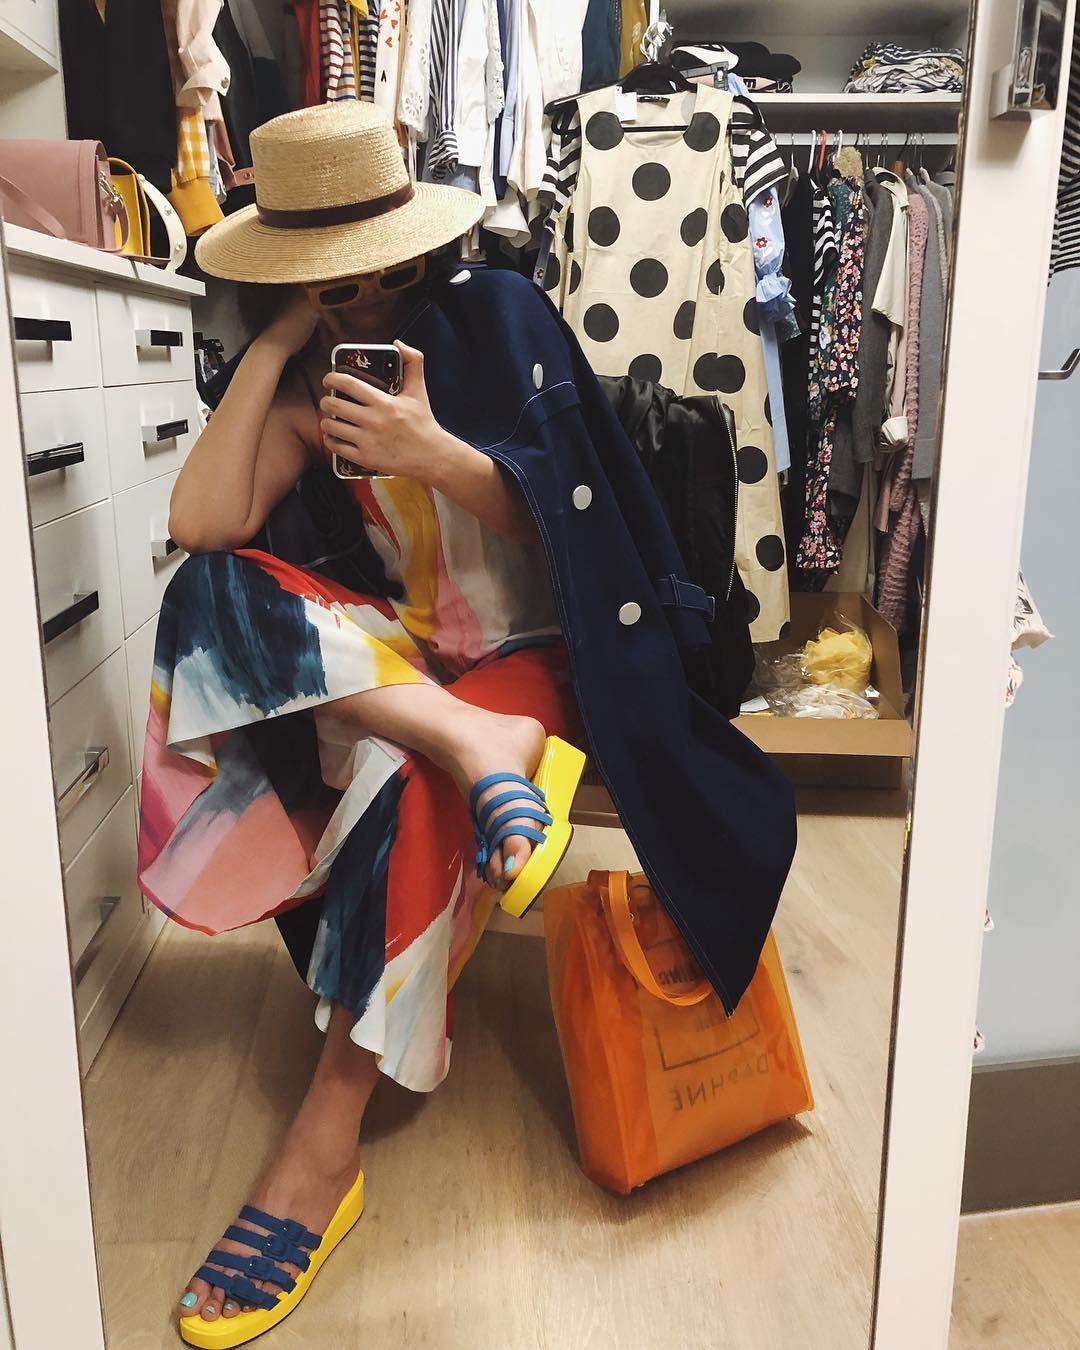 """Tháng nào cũng cạn tiền vì mua sắm váy áo, đó là bởi bạn đã không tuân theo 5 nguyên tắc shopping """"sống còn"""" này - Ảnh 5."""